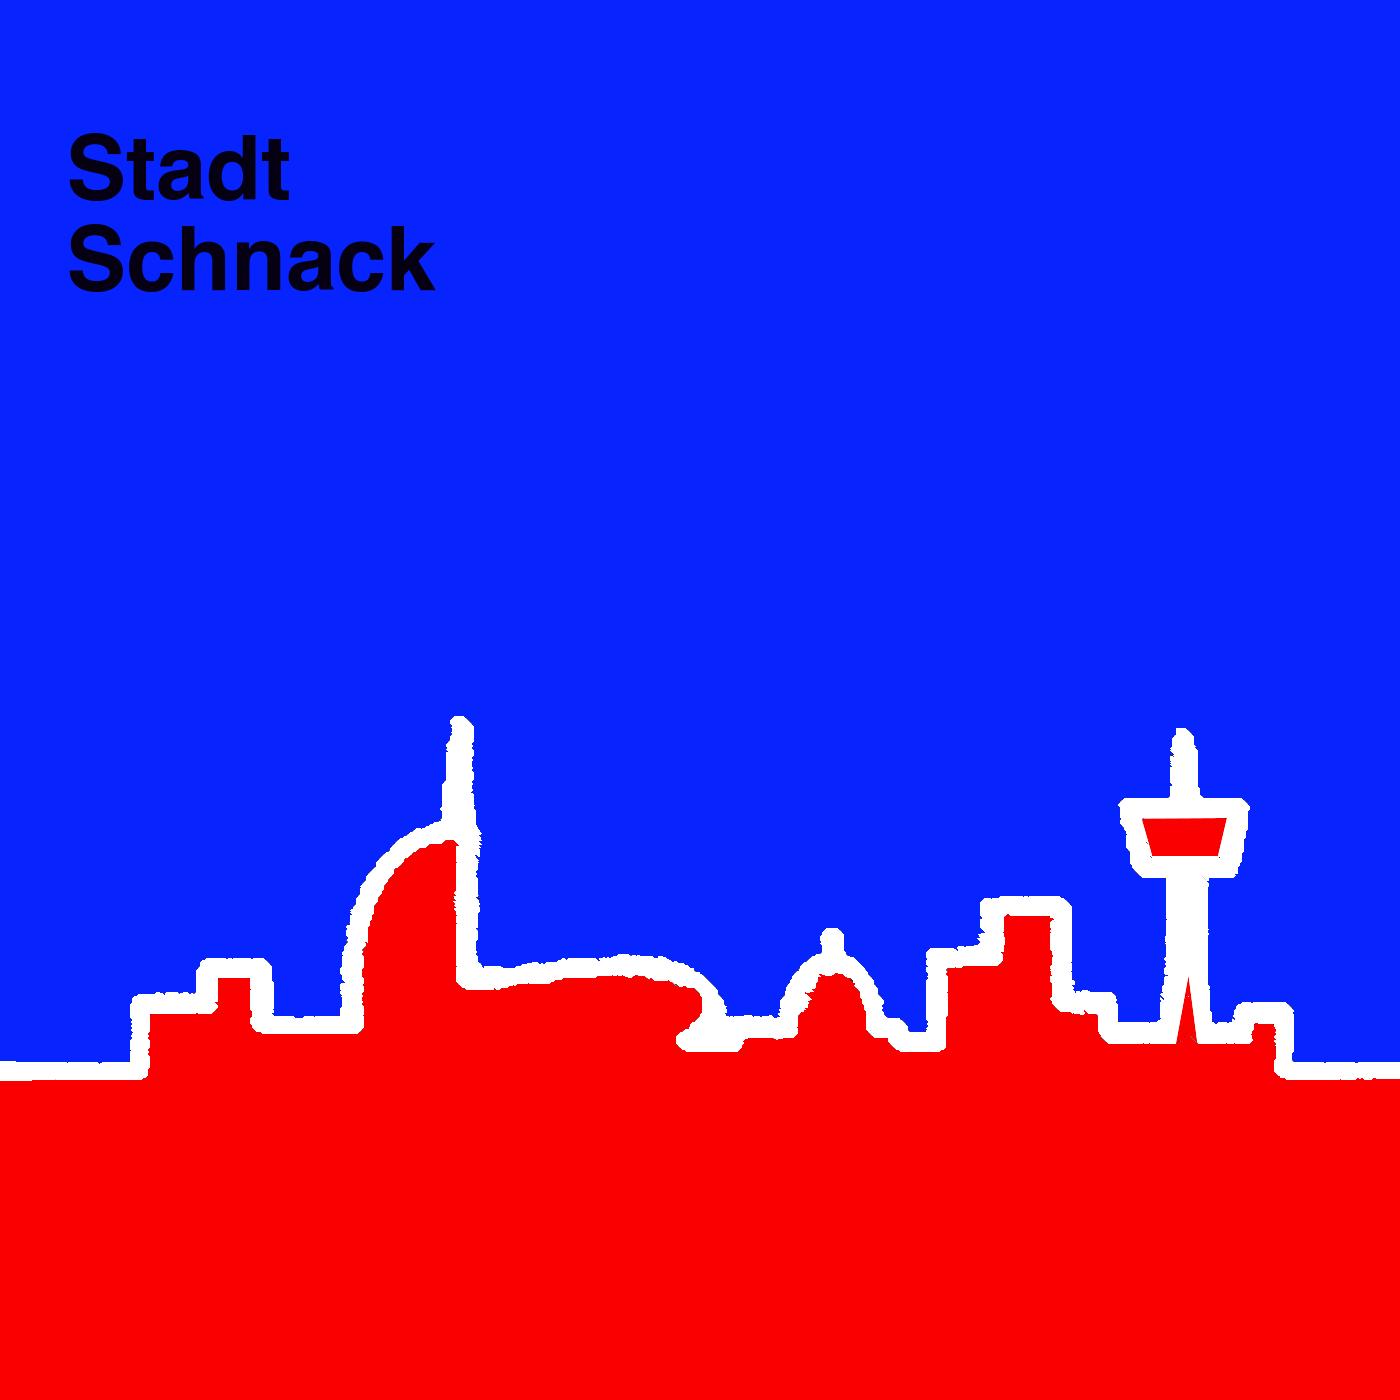 Stadt Schnack